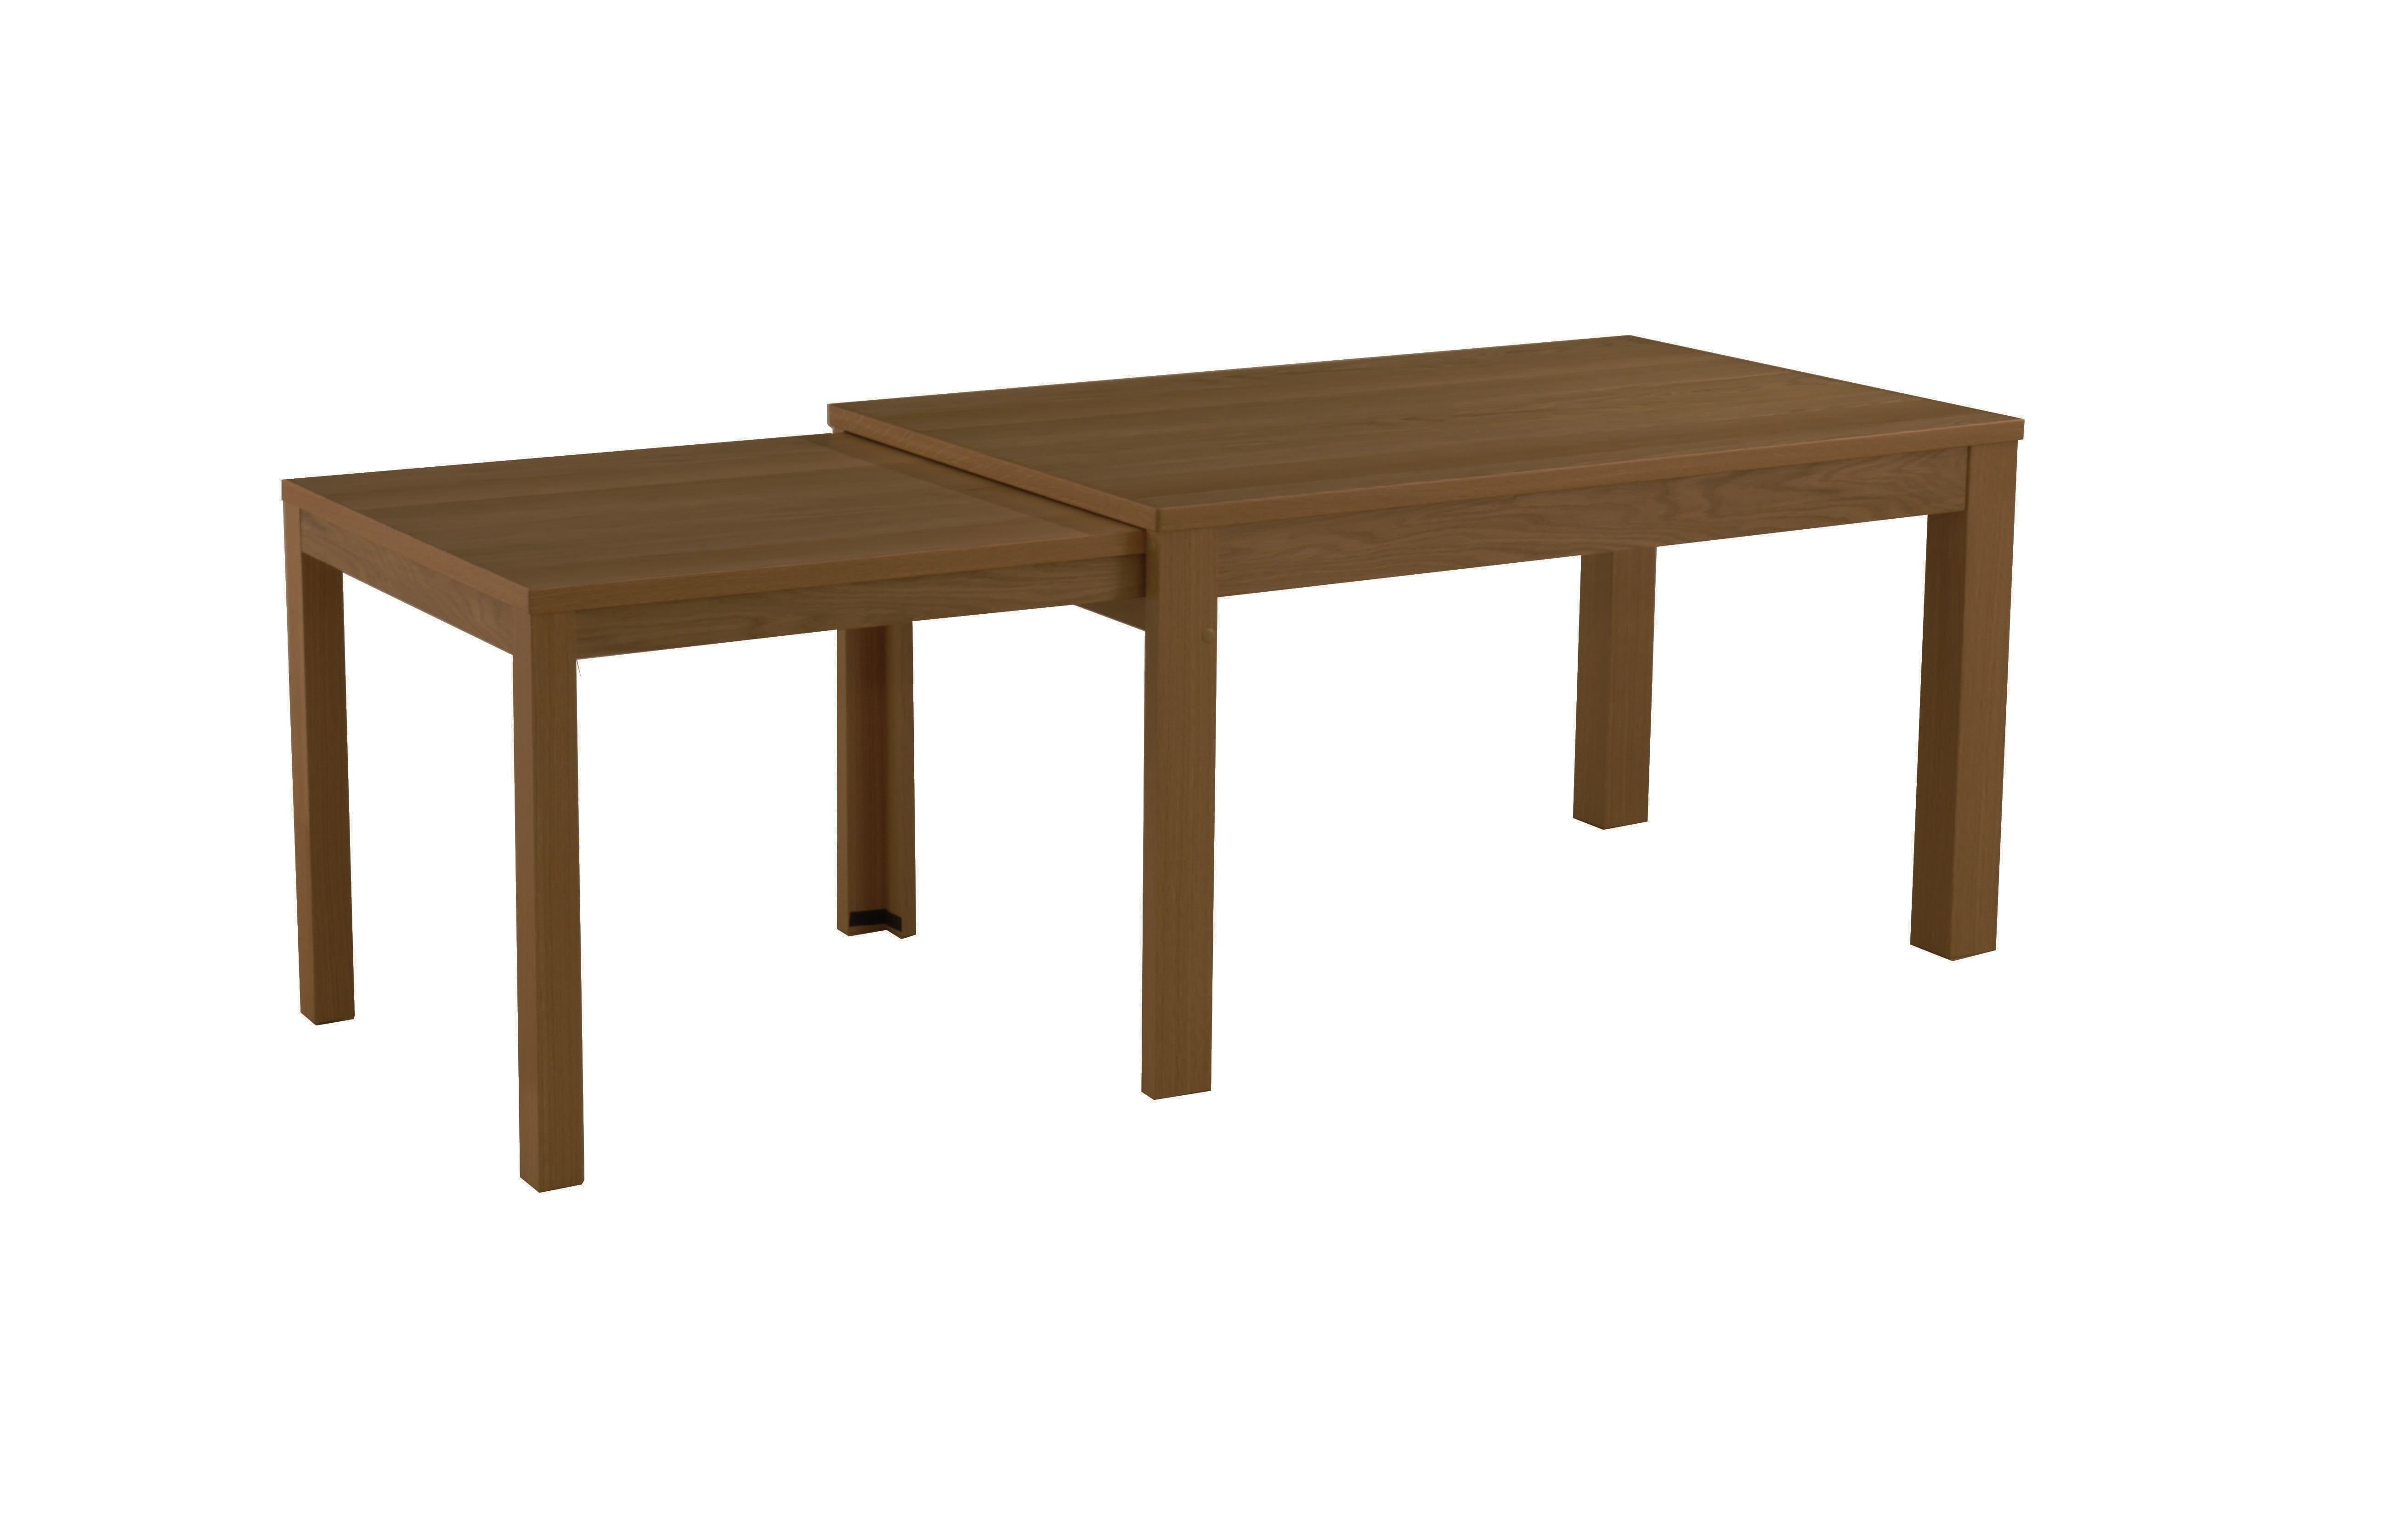 YUME 伸長テーブル